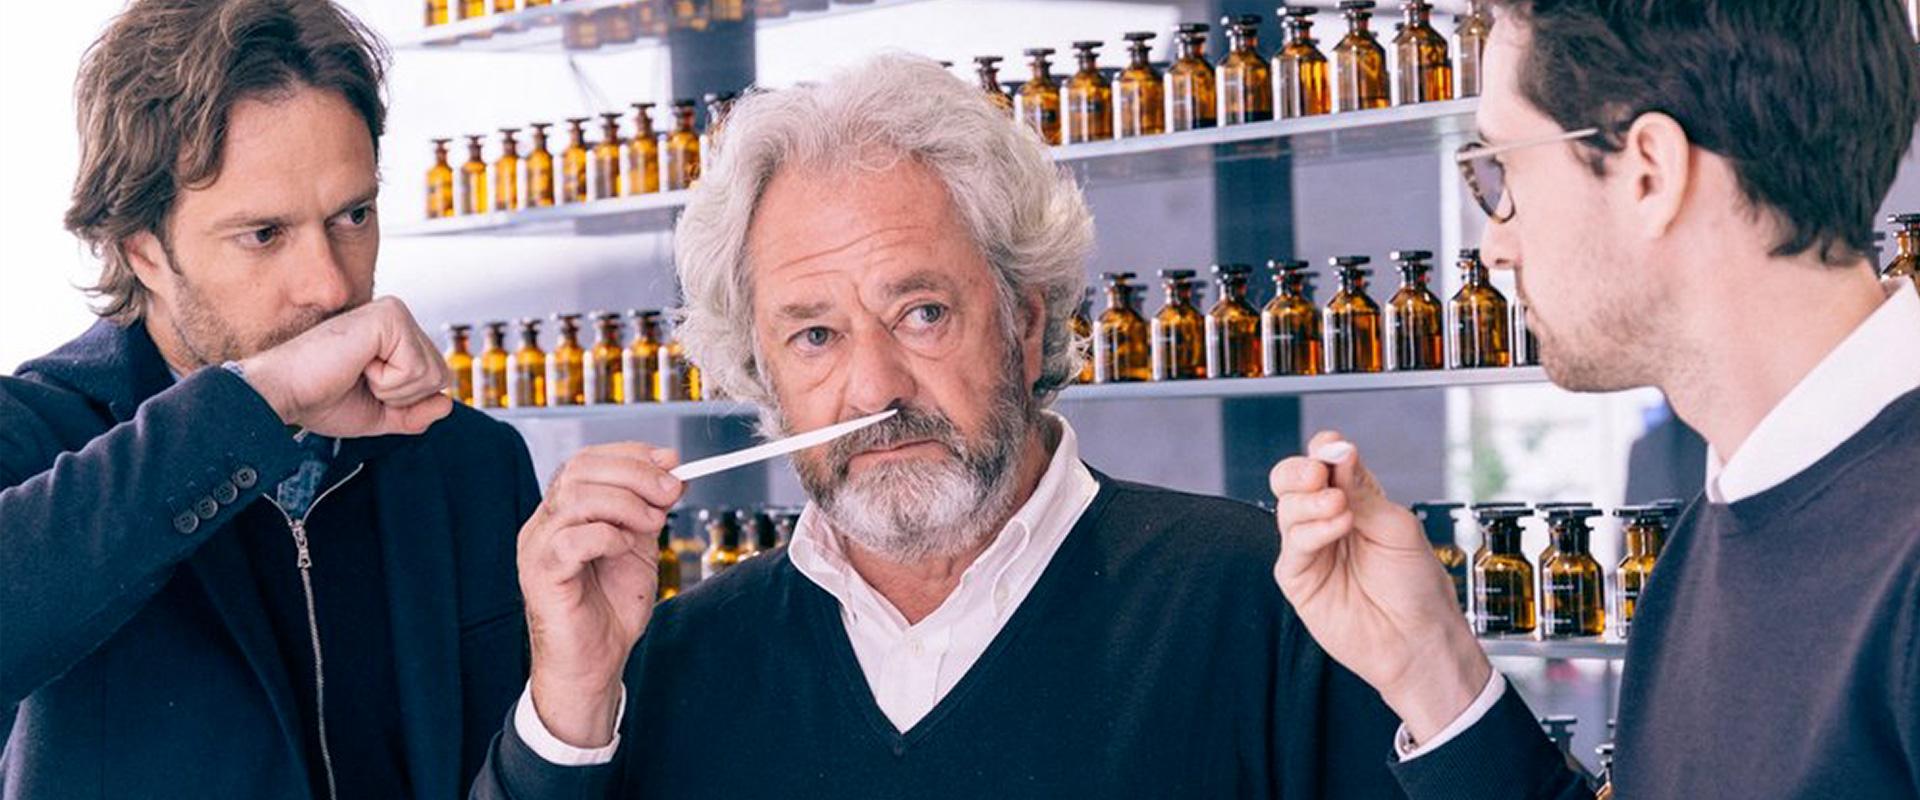 چگونه میتوان عطرهای مخصوص افراد میان سال را شناسایی کرد؟